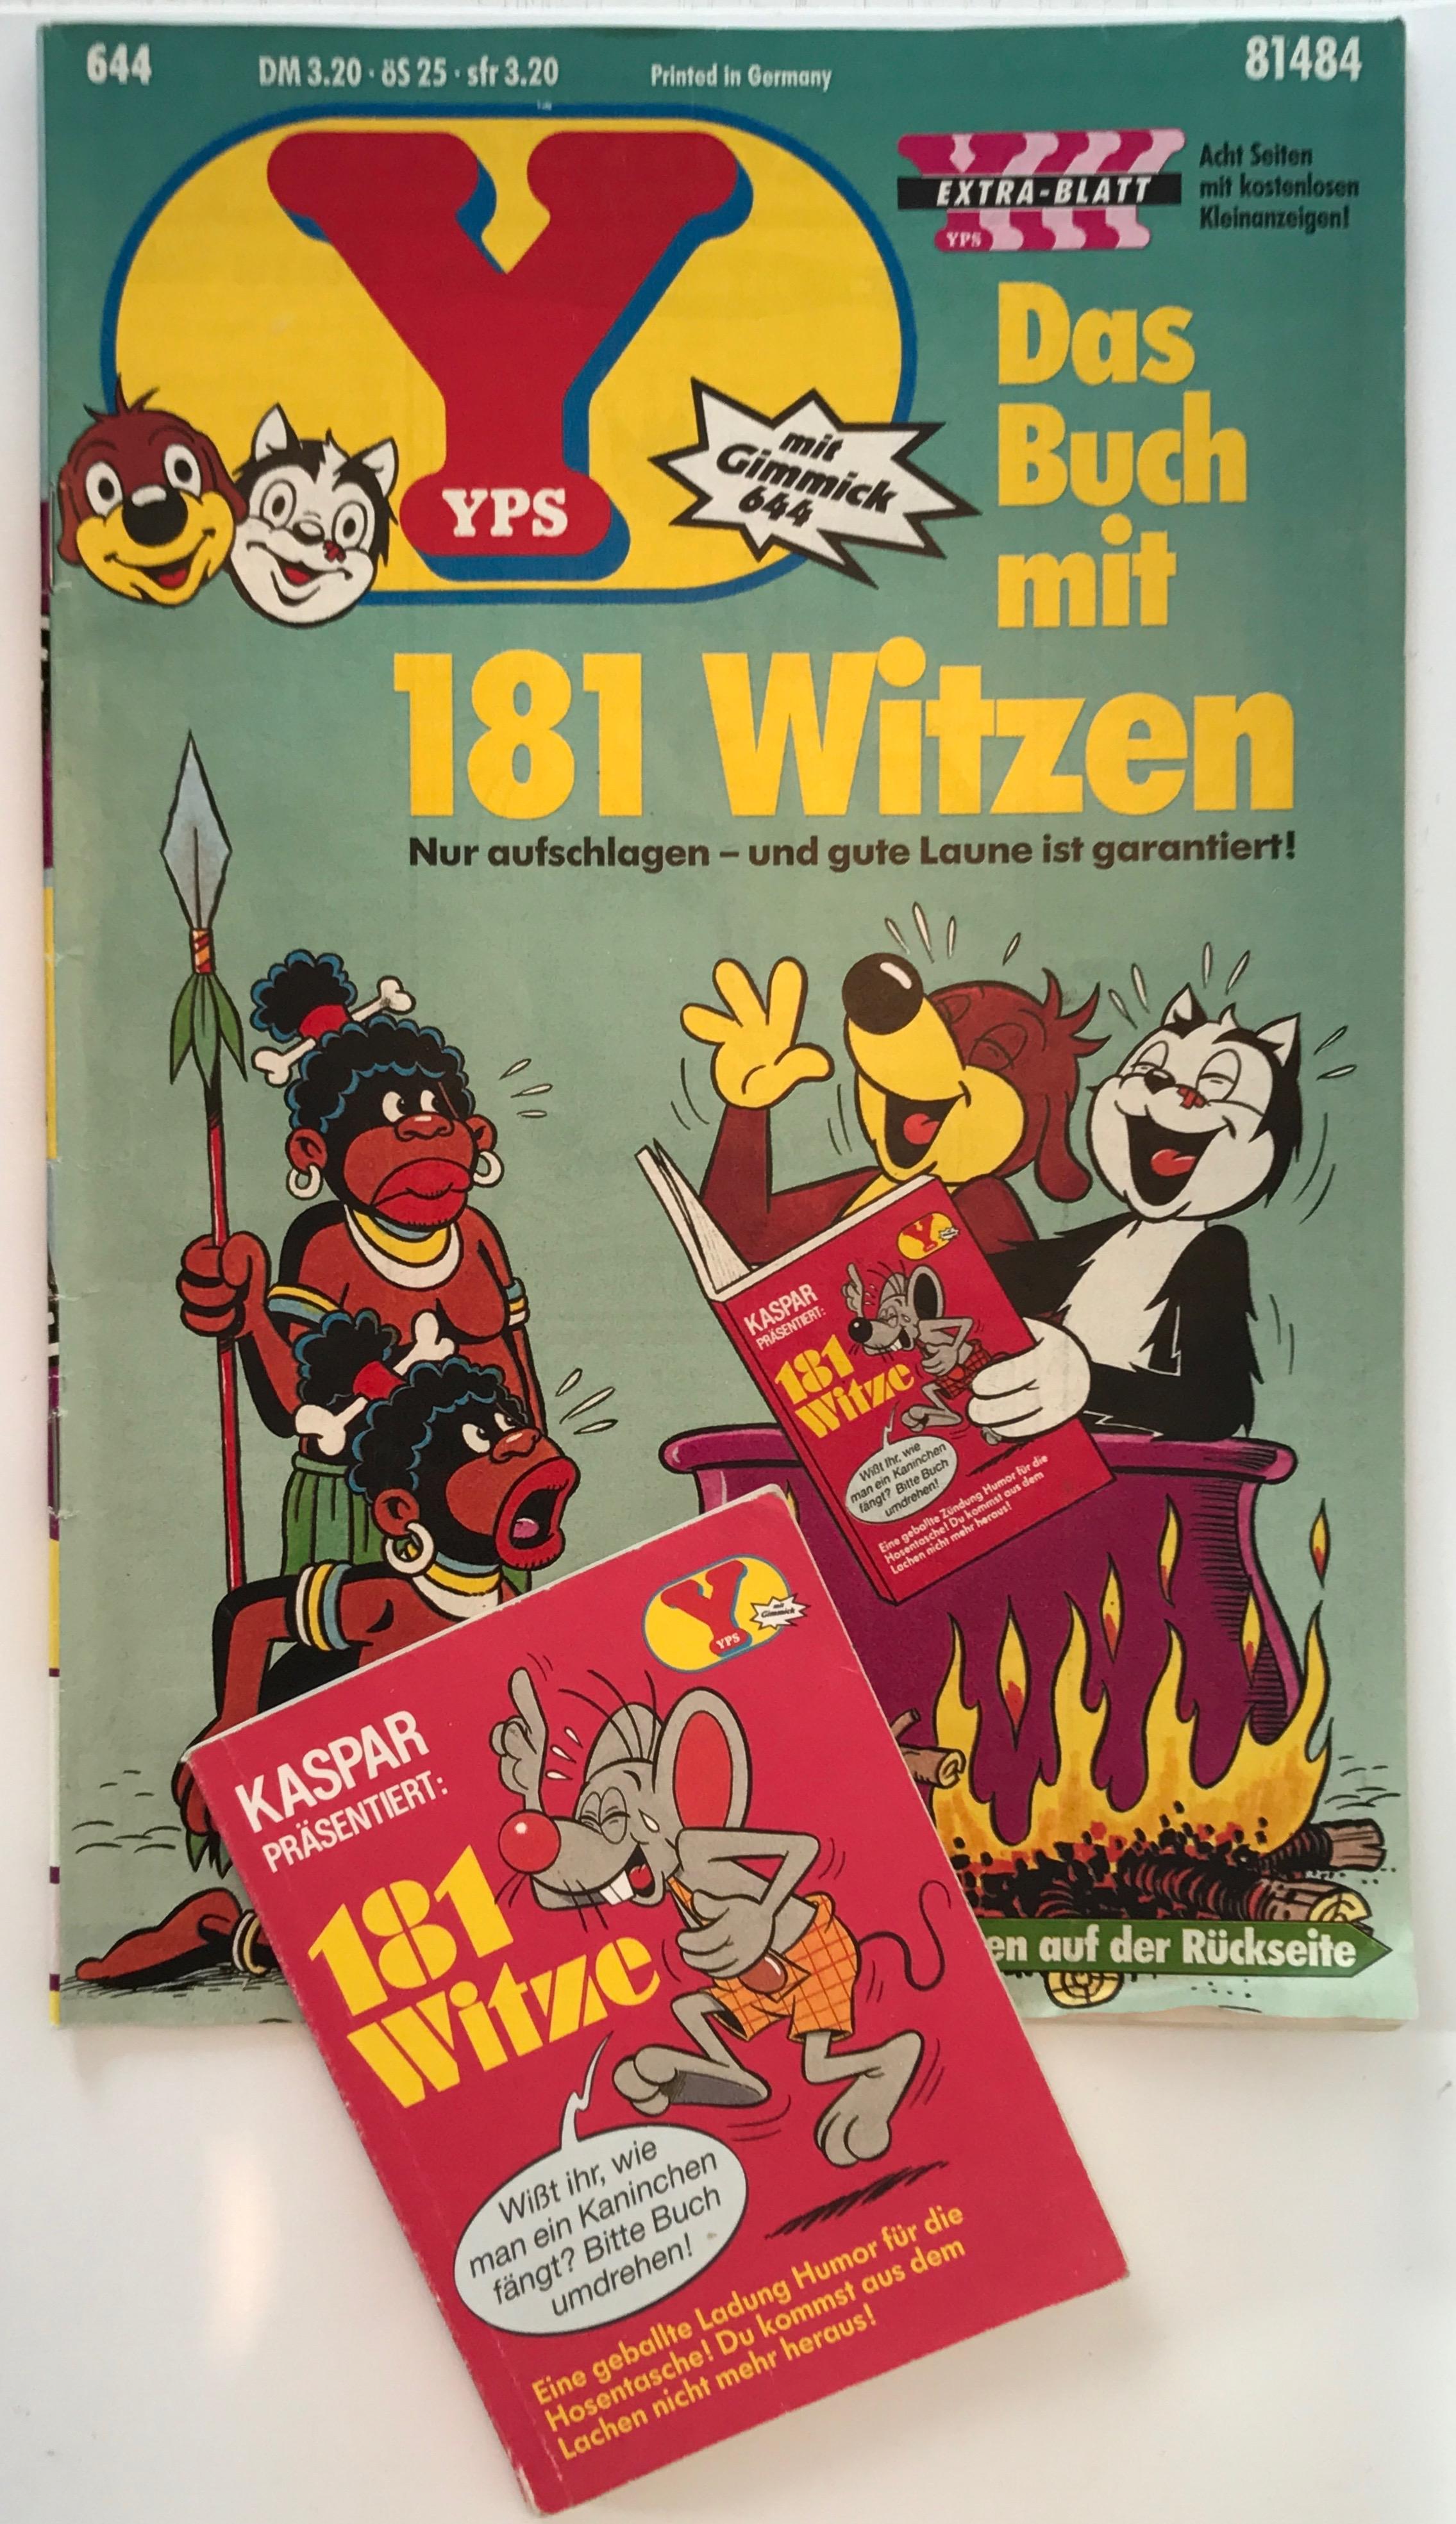 YPS_0644+Das+Buch+mit+181+Witzen_Retroport_1